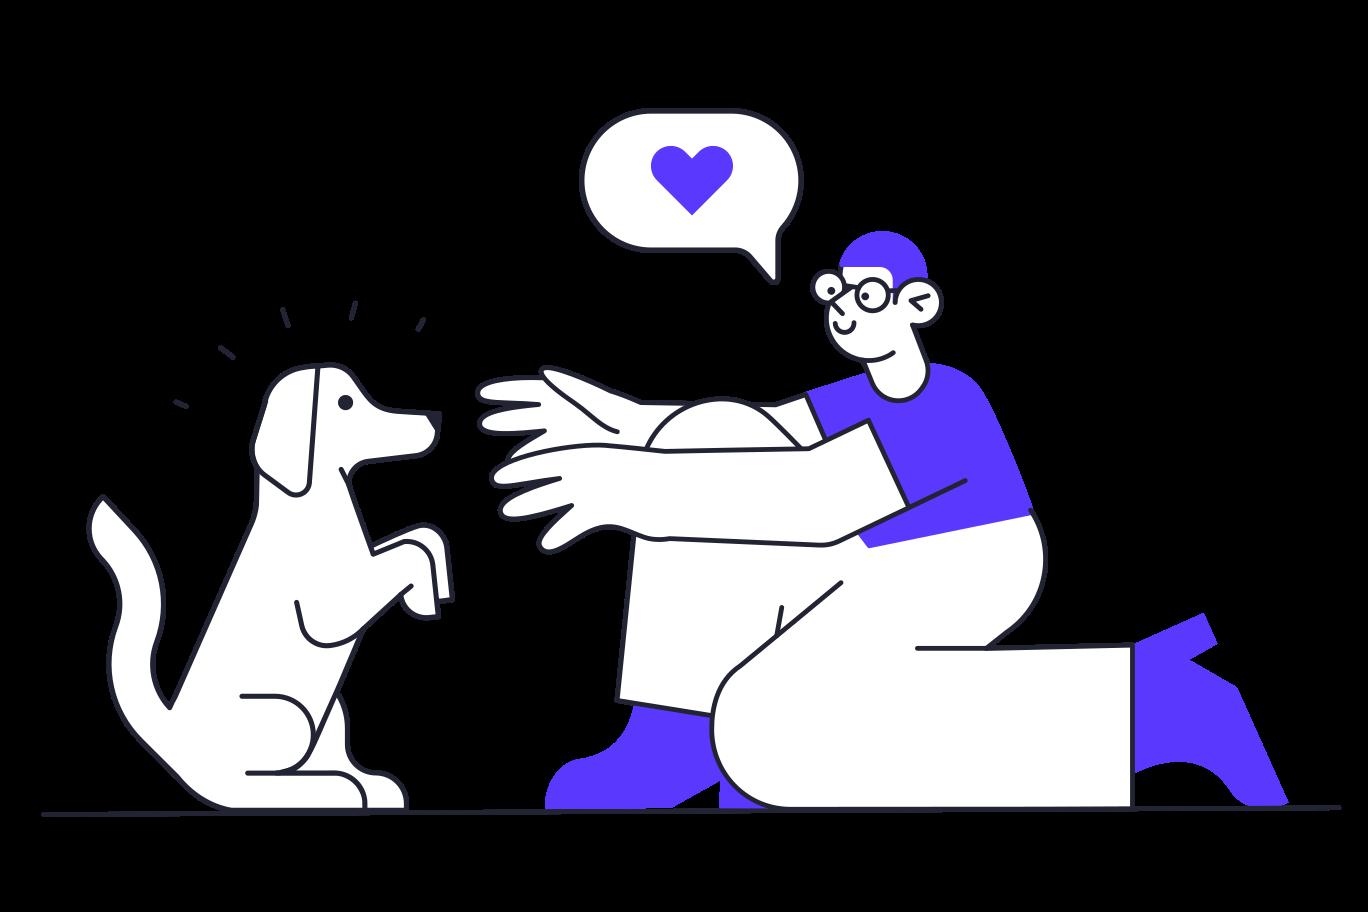 Good boy Clipart illustration in PNG, SVG